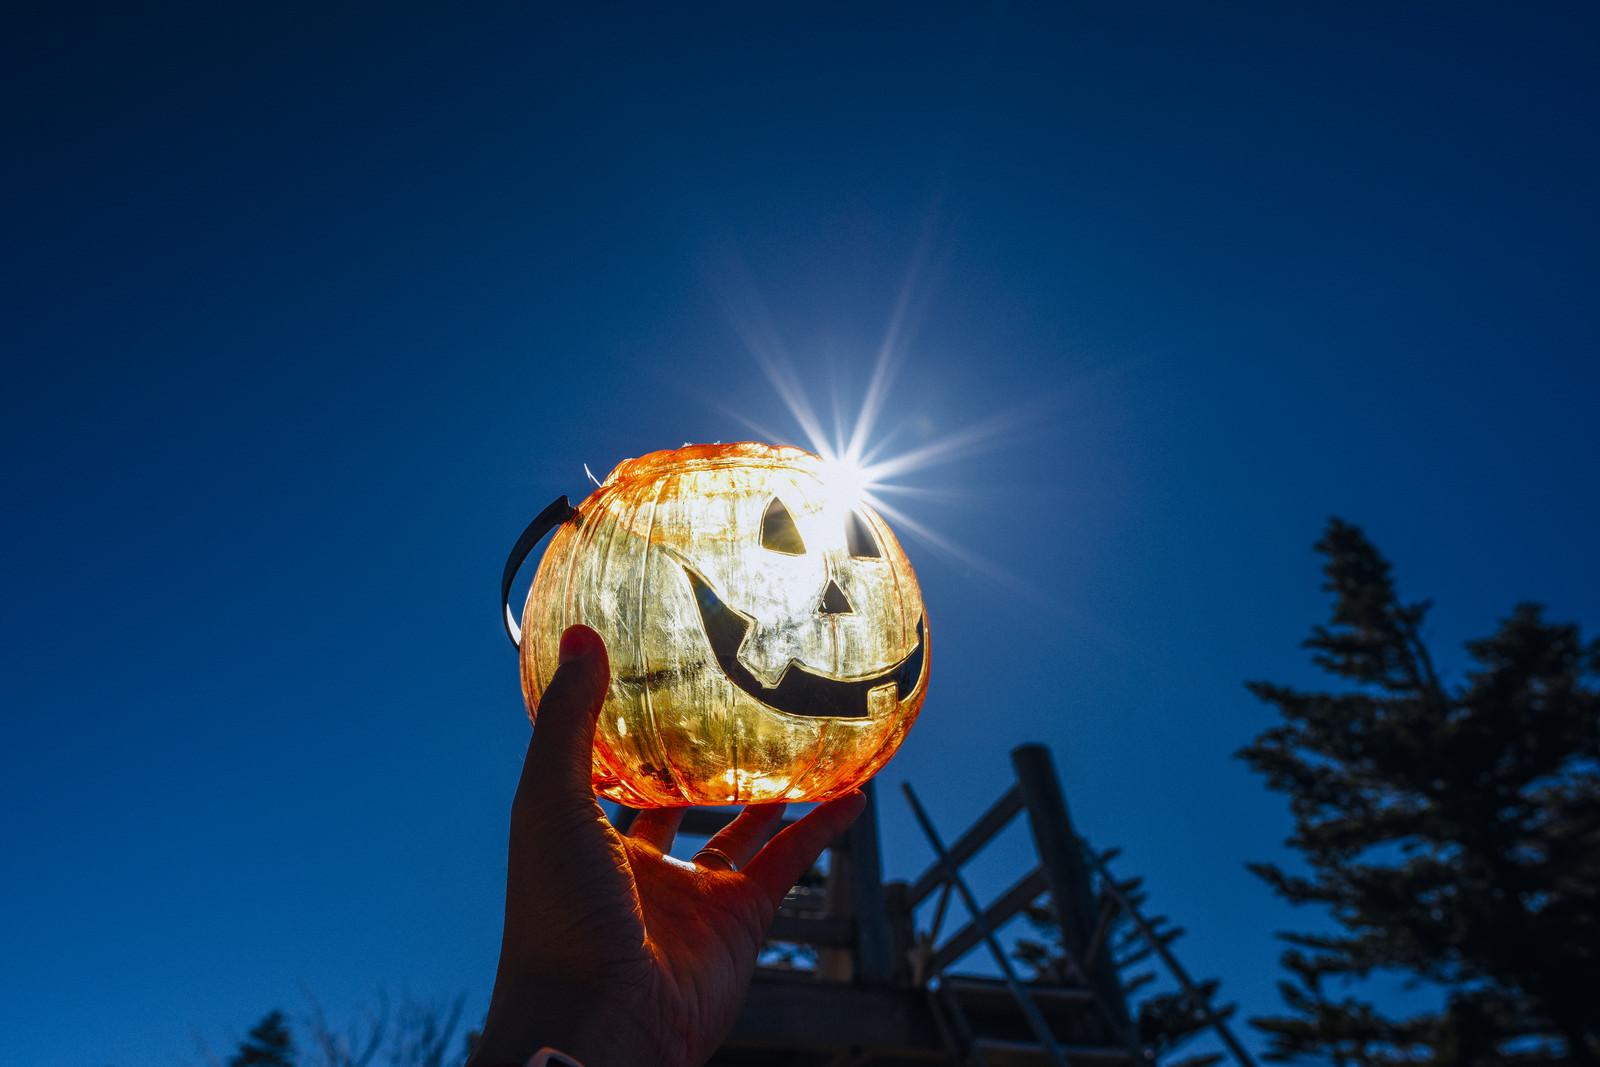 「太陽の光を受けて光るハロウィンカボチャ」の写真